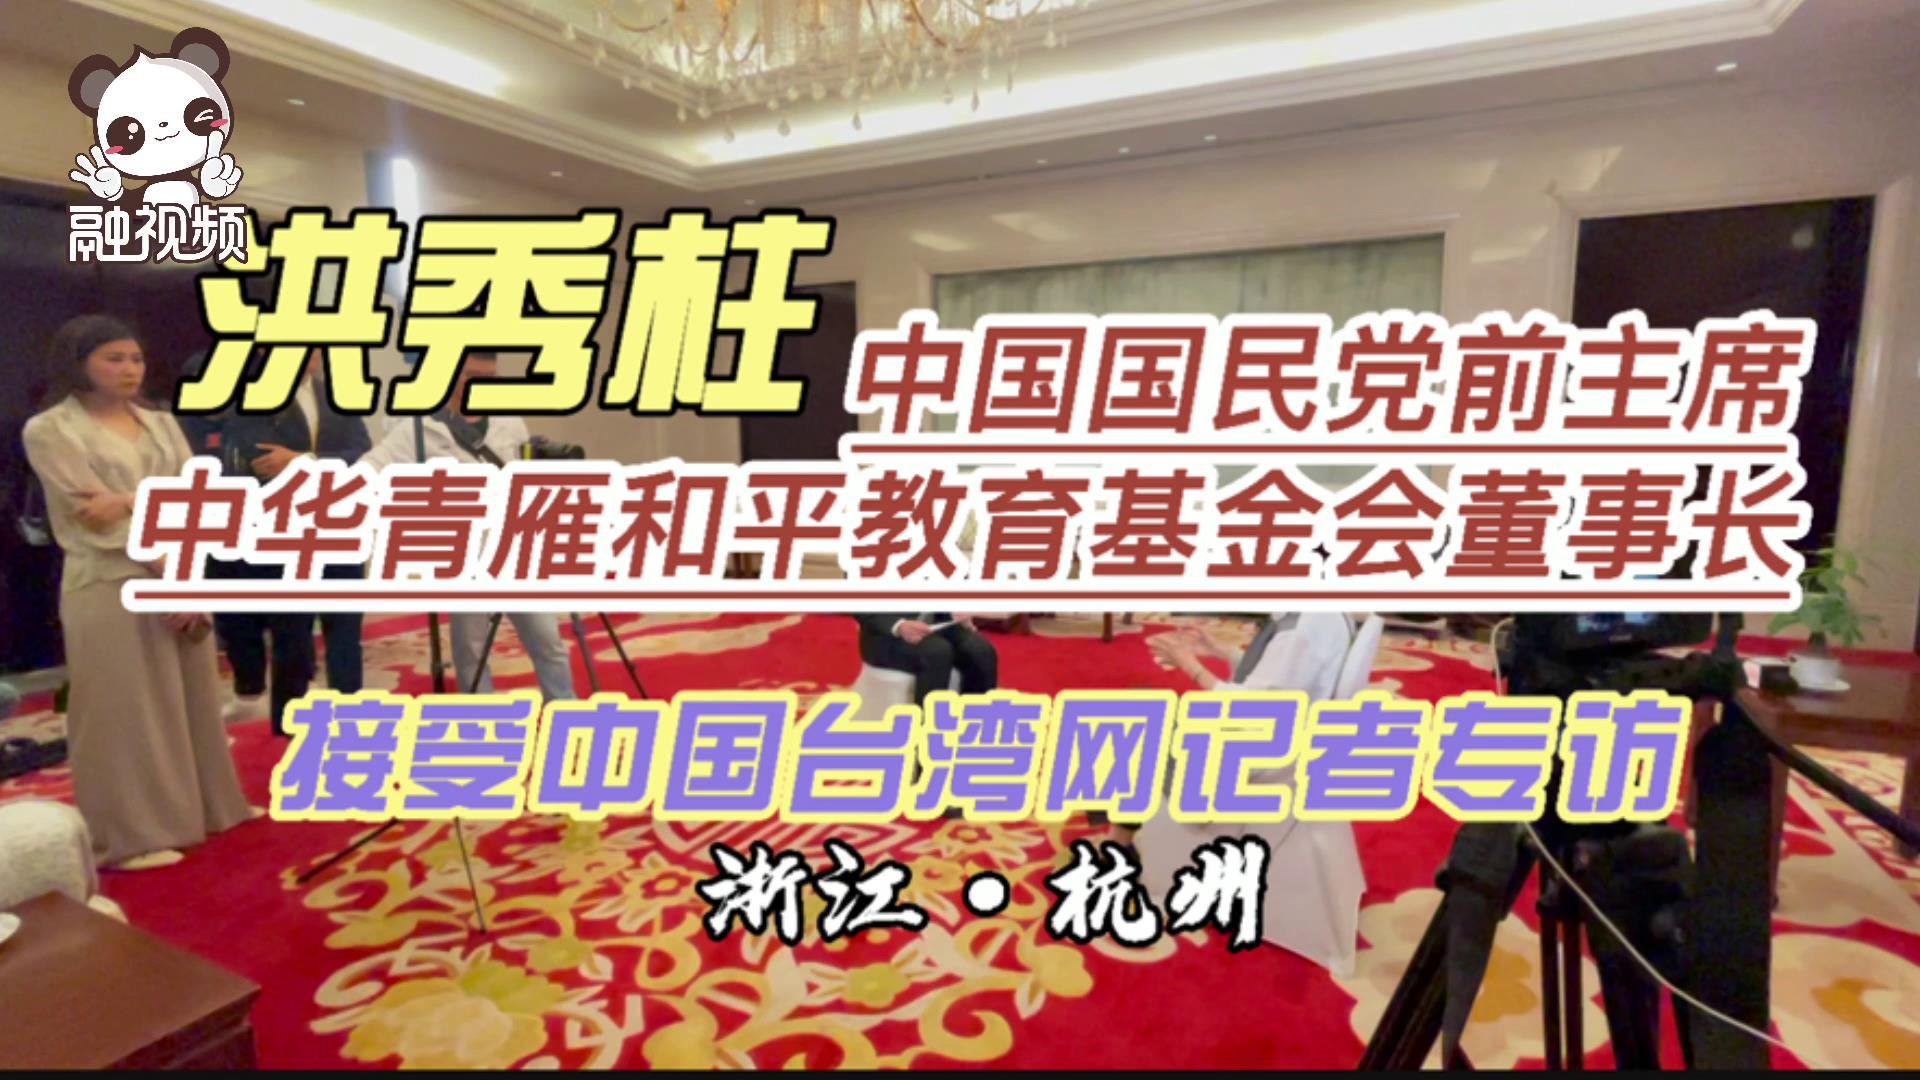 中国台湾网在浙江杭州专访中国国民党前主席、中华青雁和平教育基金会董事长洪秀柱。图片